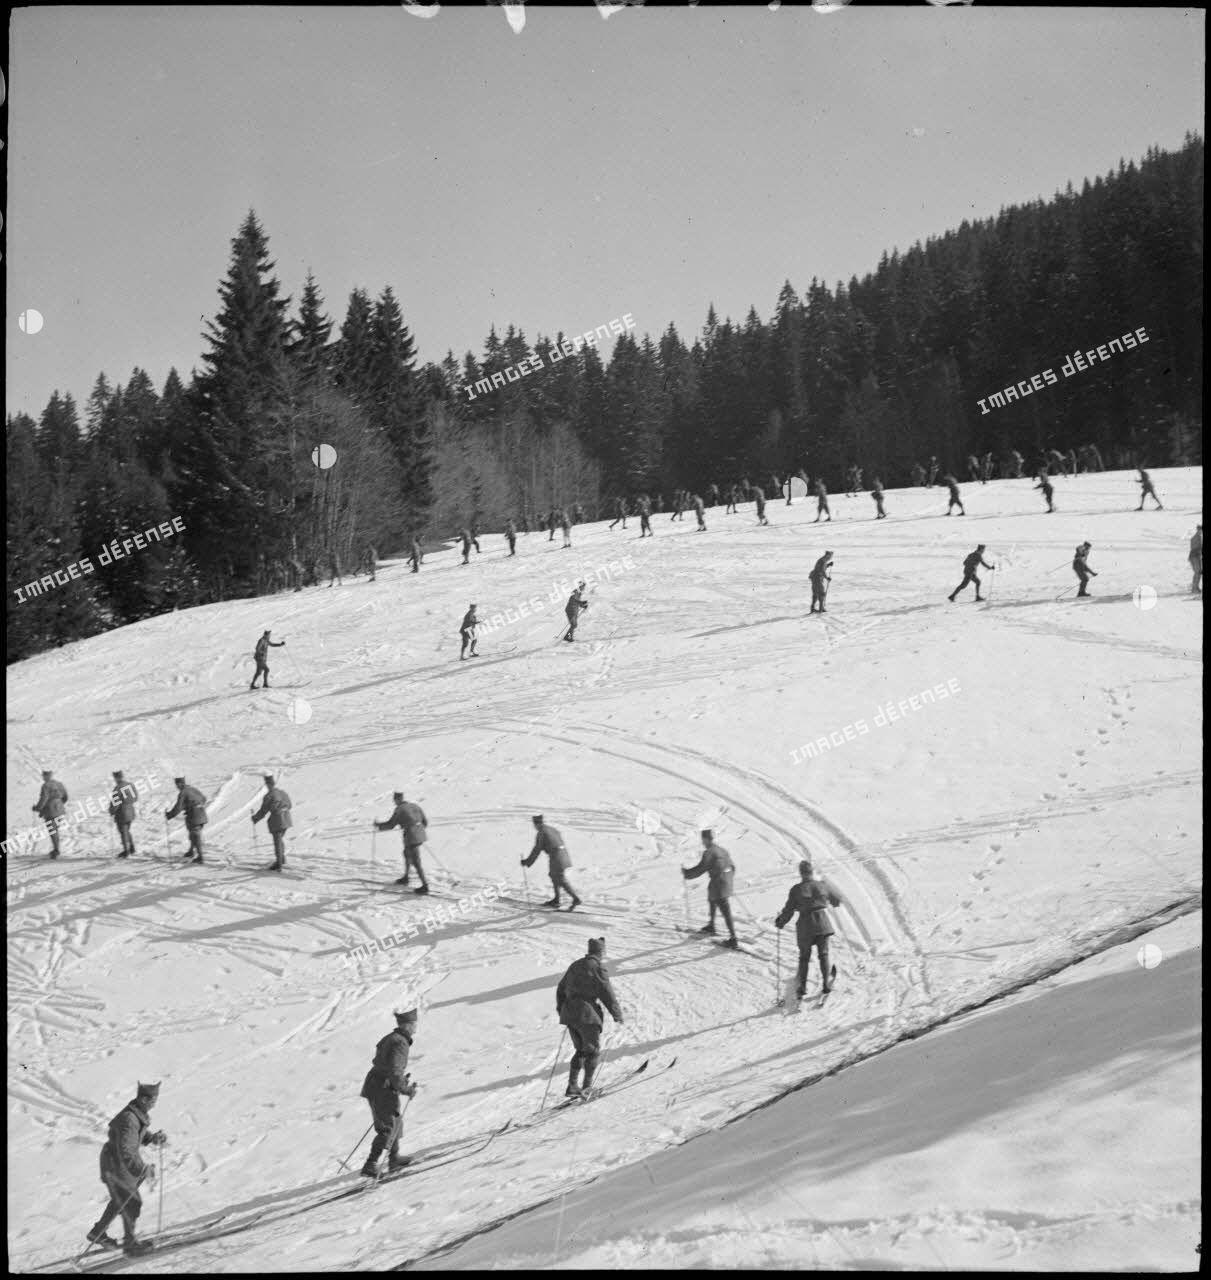 Plan général de chasseurs alpins qui se déplacent à ski le long d'une pente enneigée.